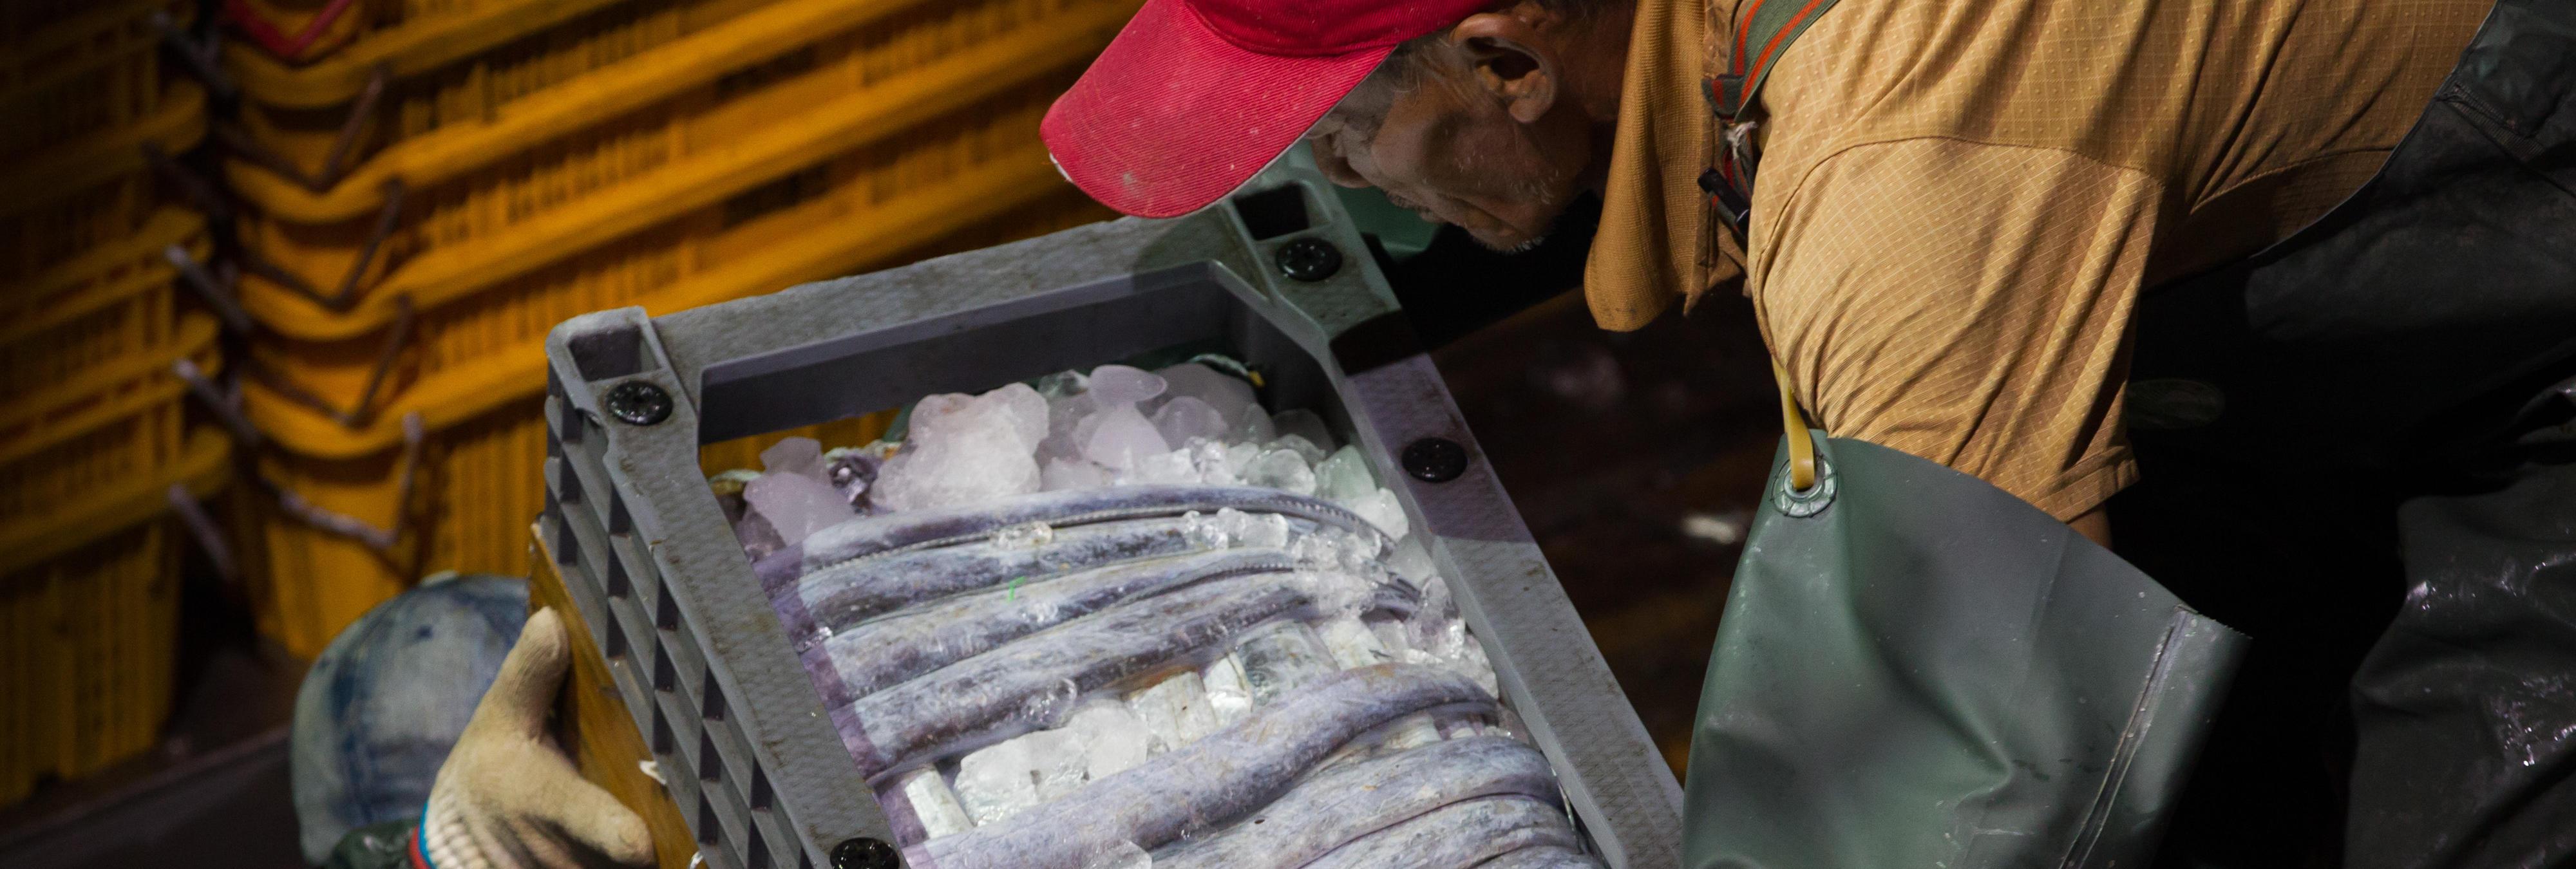 La policía detiene a 14 personas por vender marisco radioactivo de Fukushima